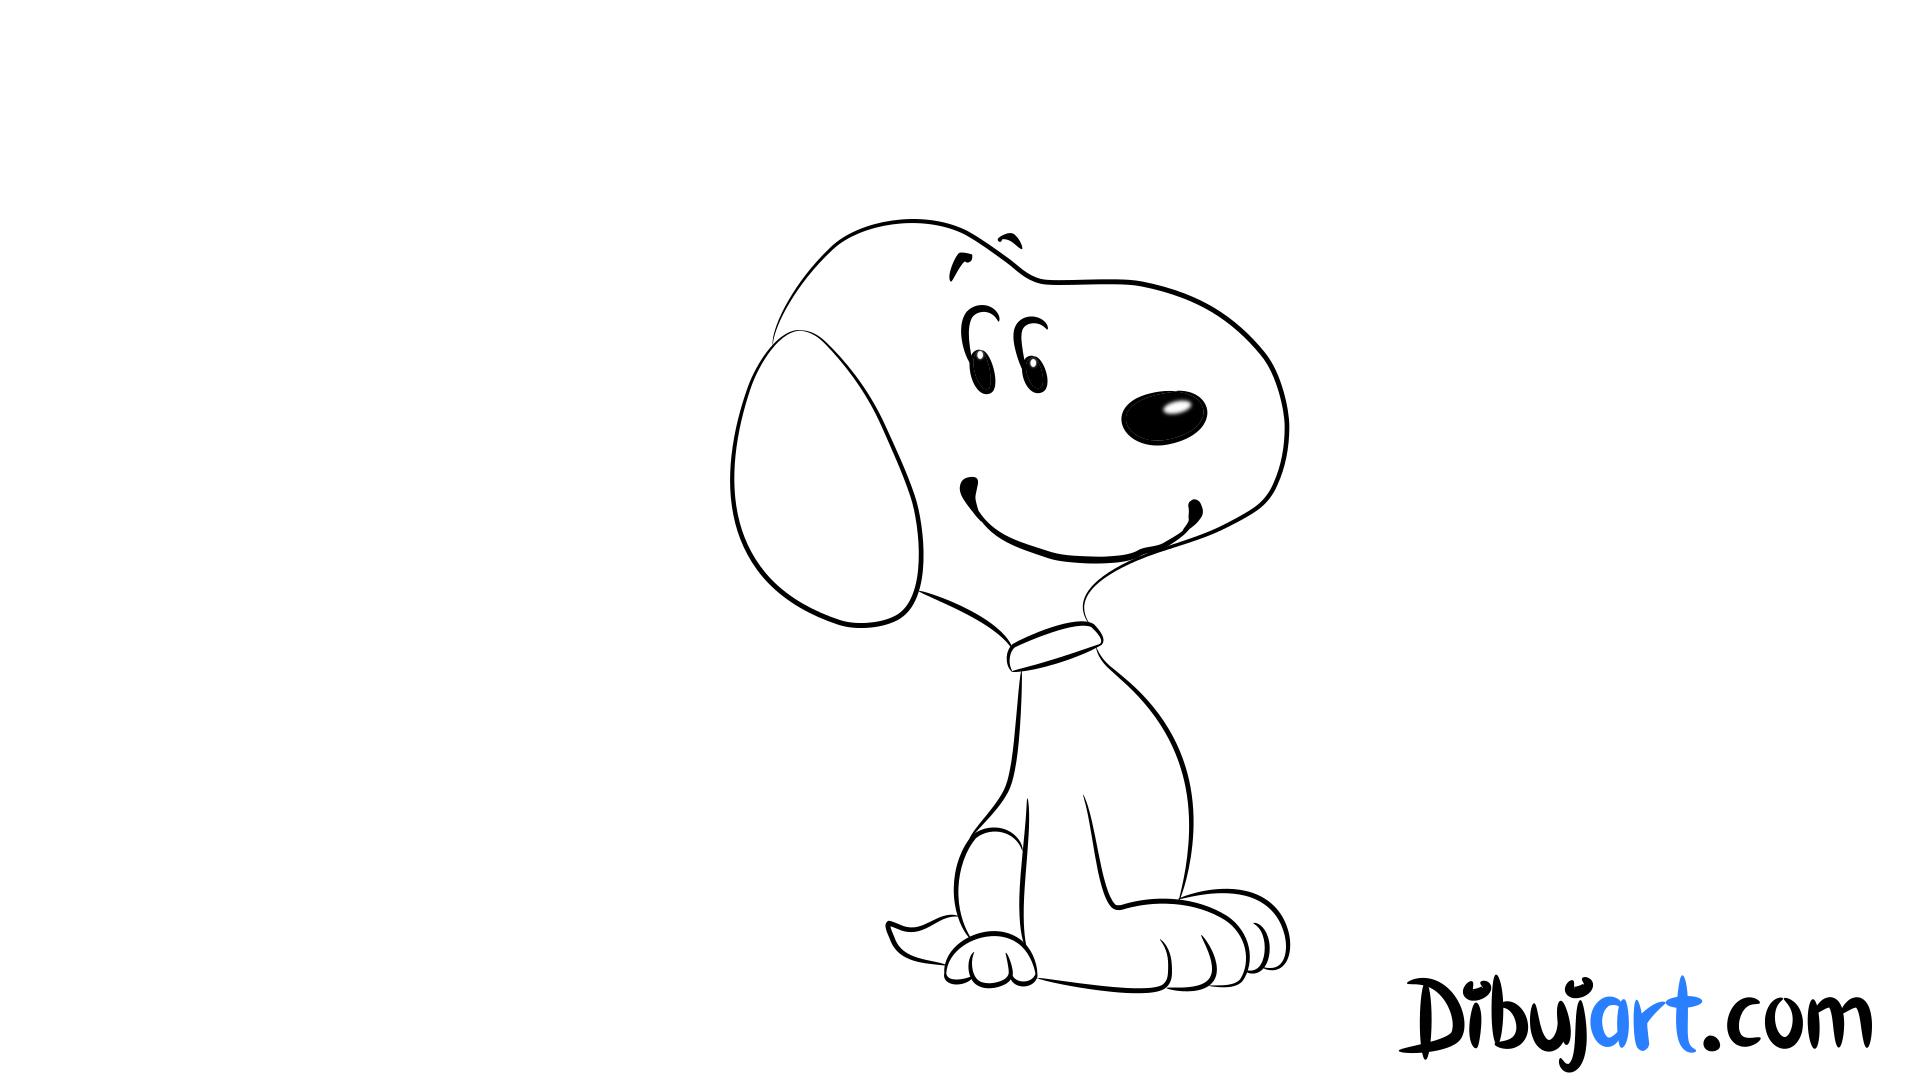 Desenho Do Snoopy Para Colorir: Perfecto Snoopy Valentines Para Colorear Festooning